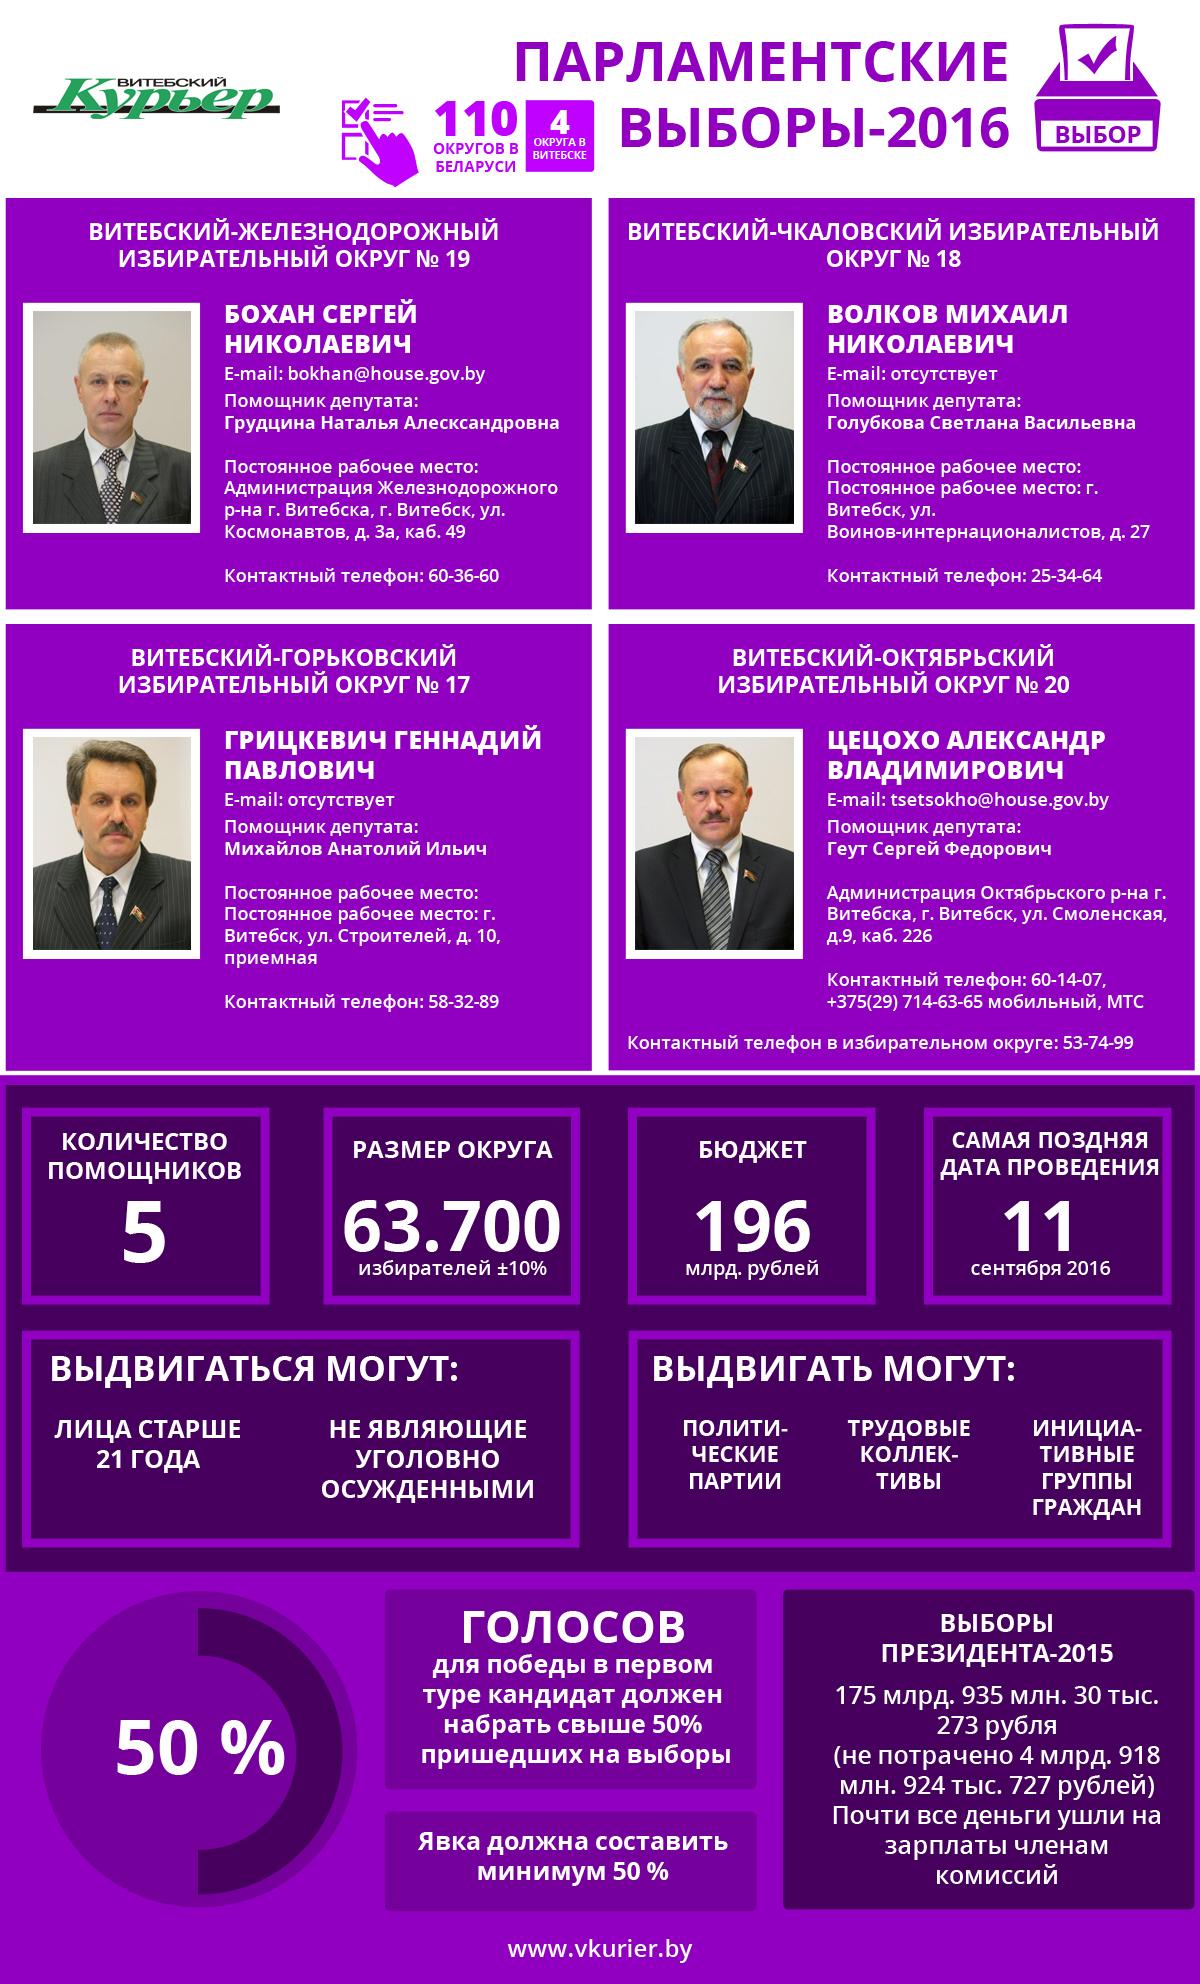 Парламентские выборы и их бюджет (105)